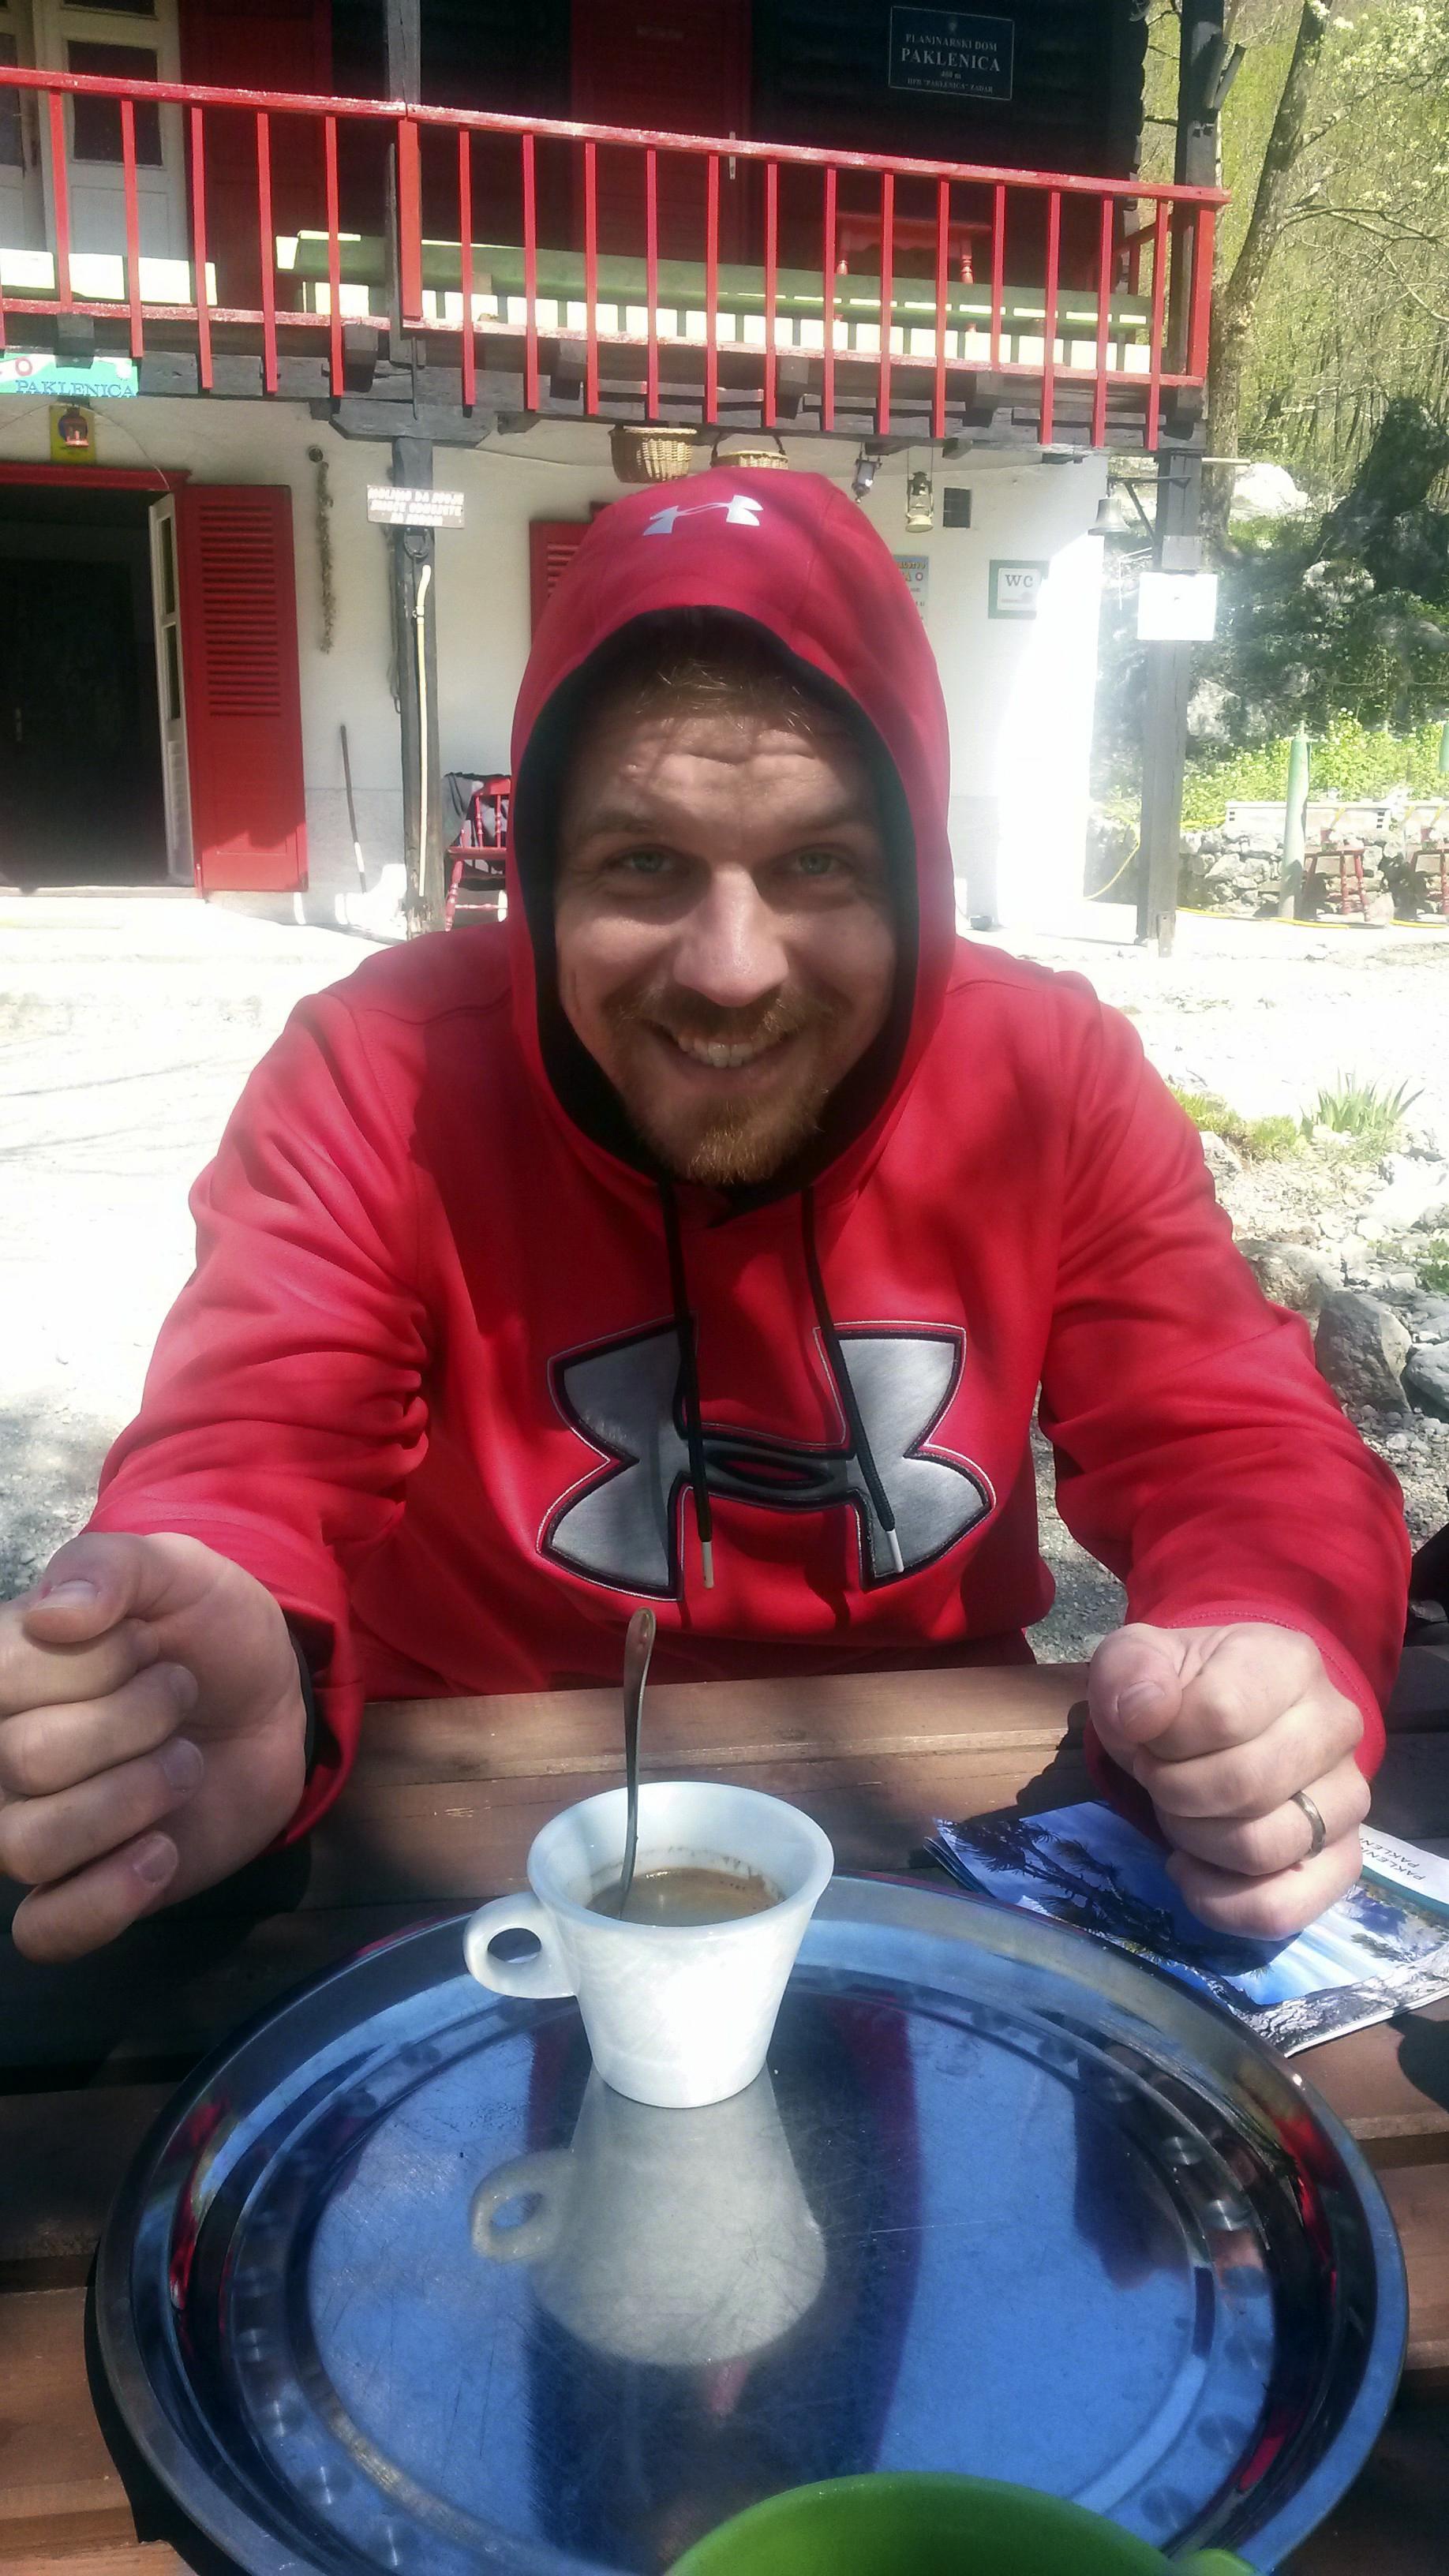 Ootteko juoneet näin faffaa kaffeeta?